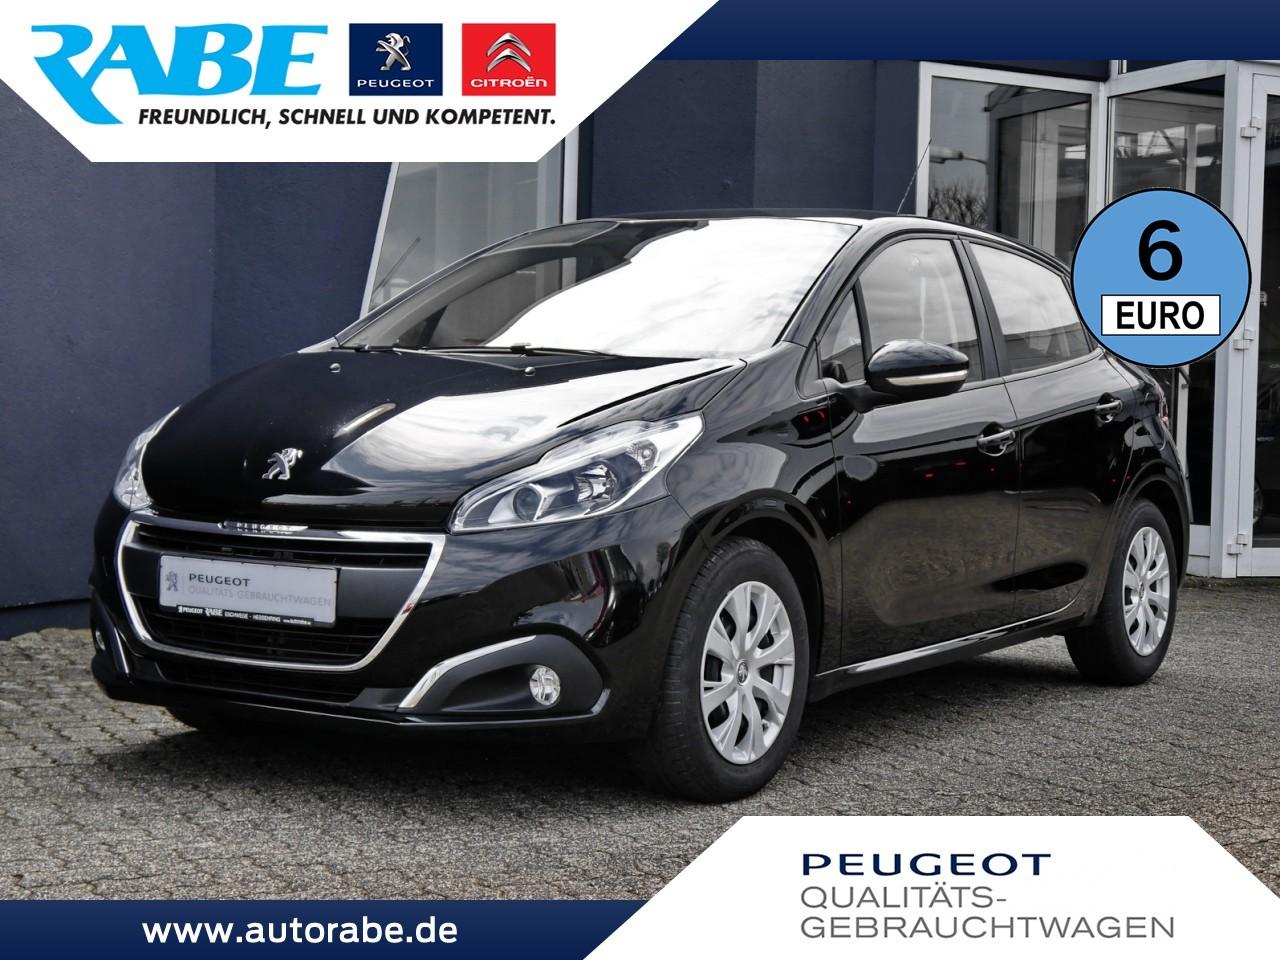 Peugeot 208 Flatrate 82 PT ParkPilot+Sitzhzg.+NebelSW, Jahr 2017, Benzin